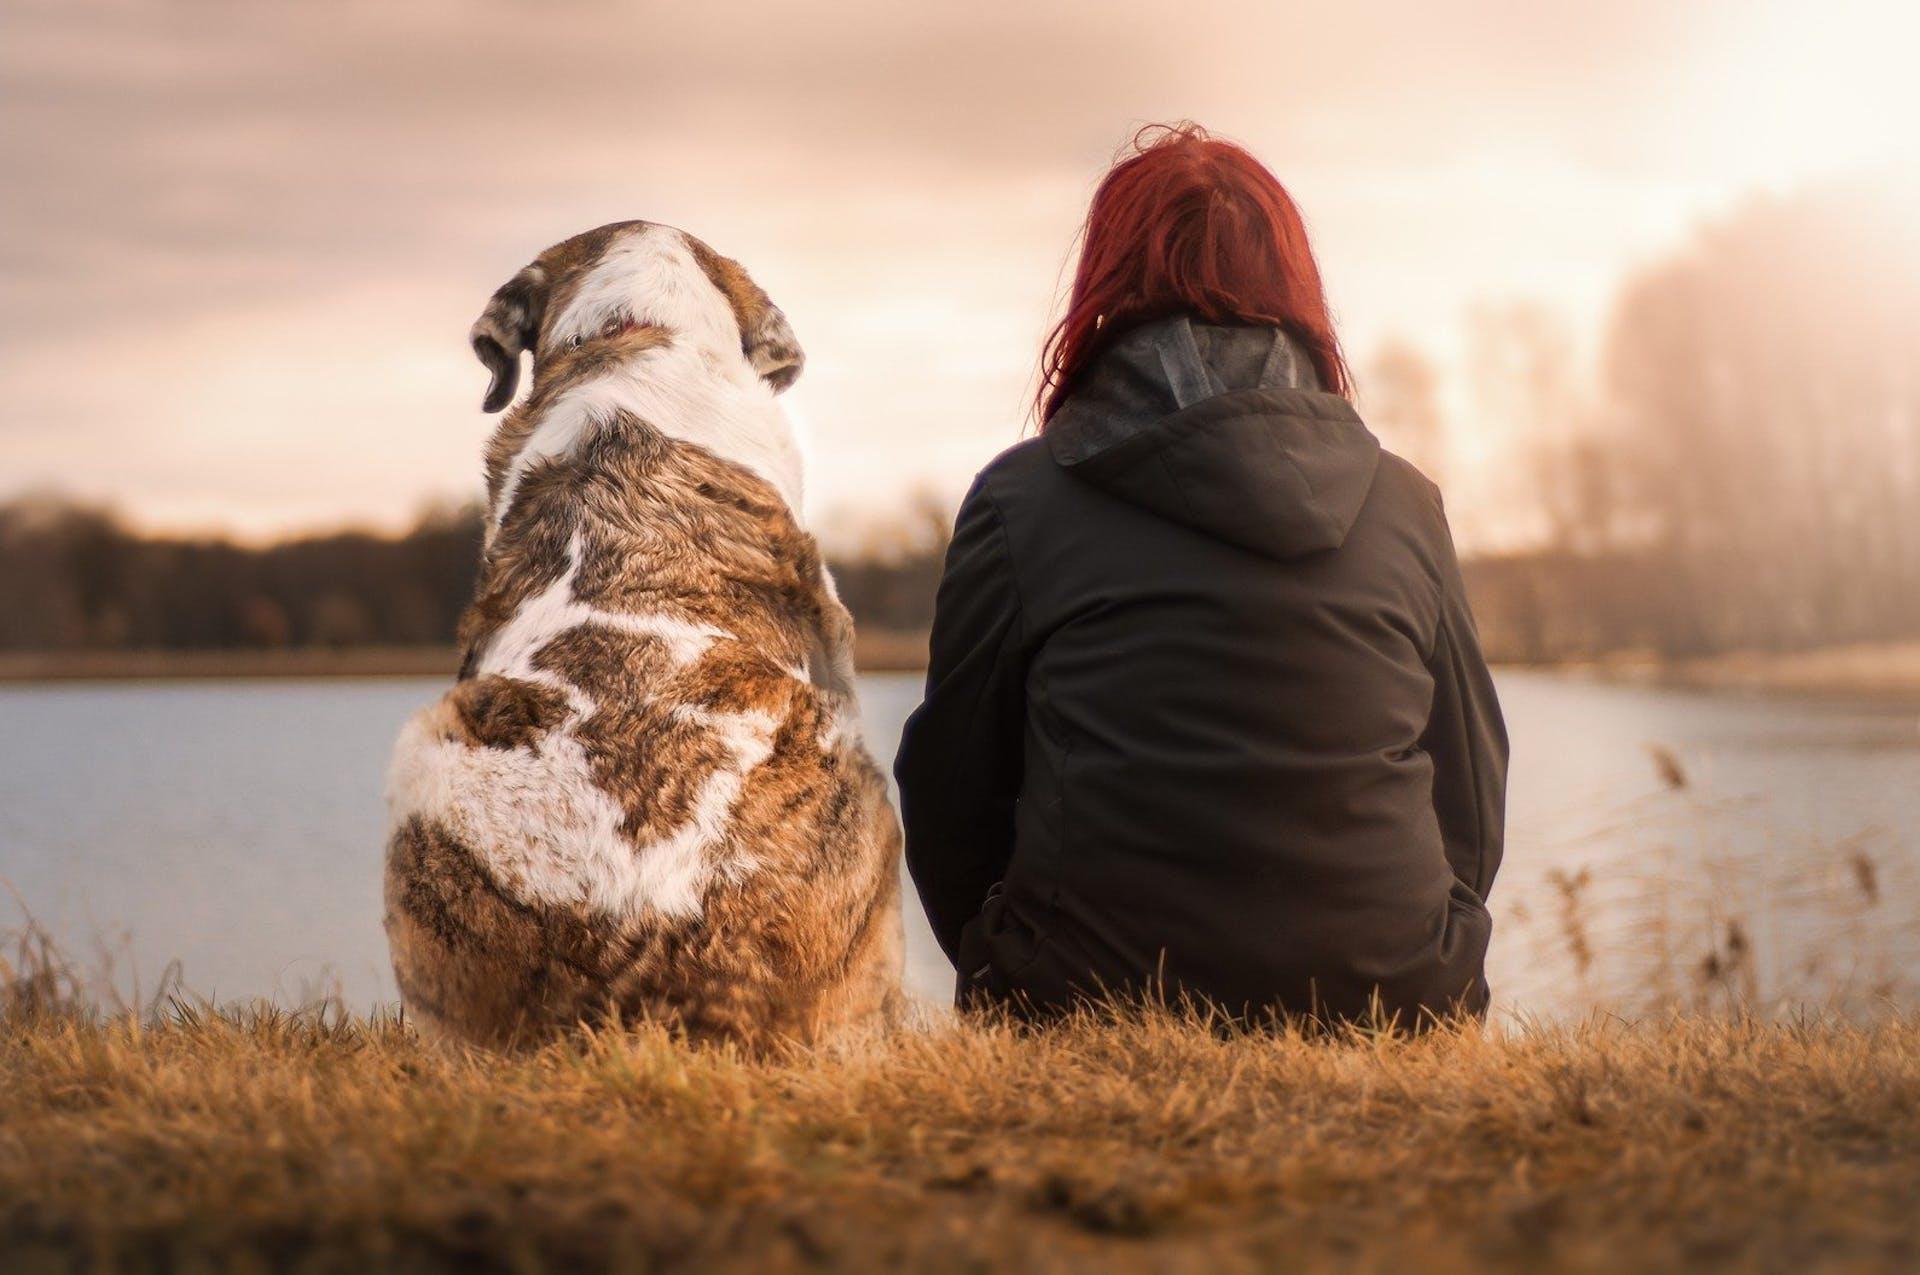 A woman and a dog sitting near a lake